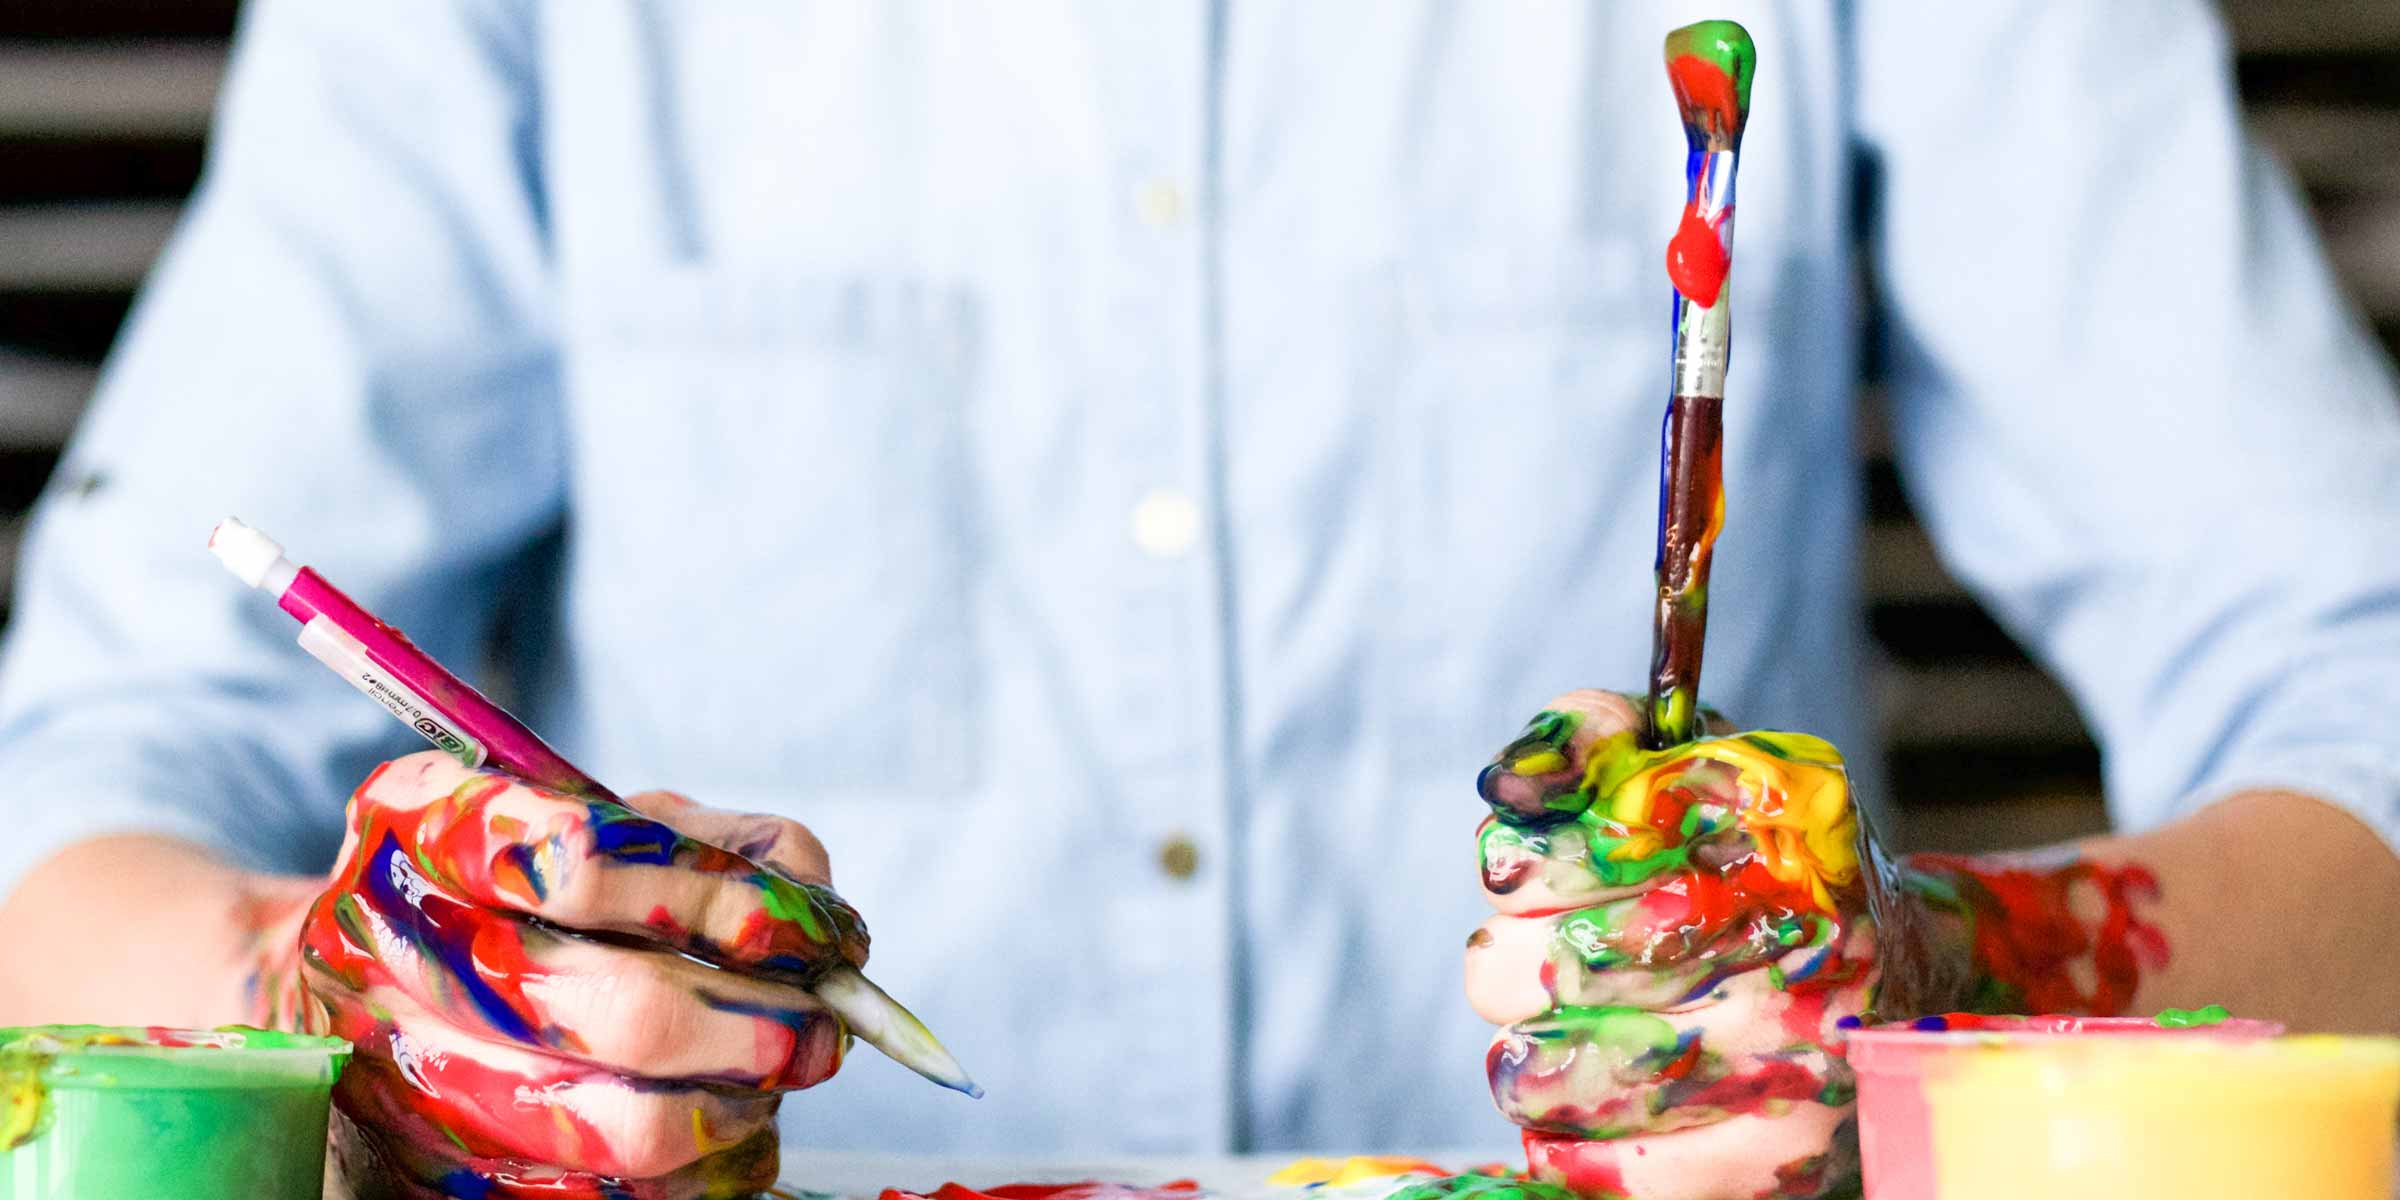 mani colorate che disegnano